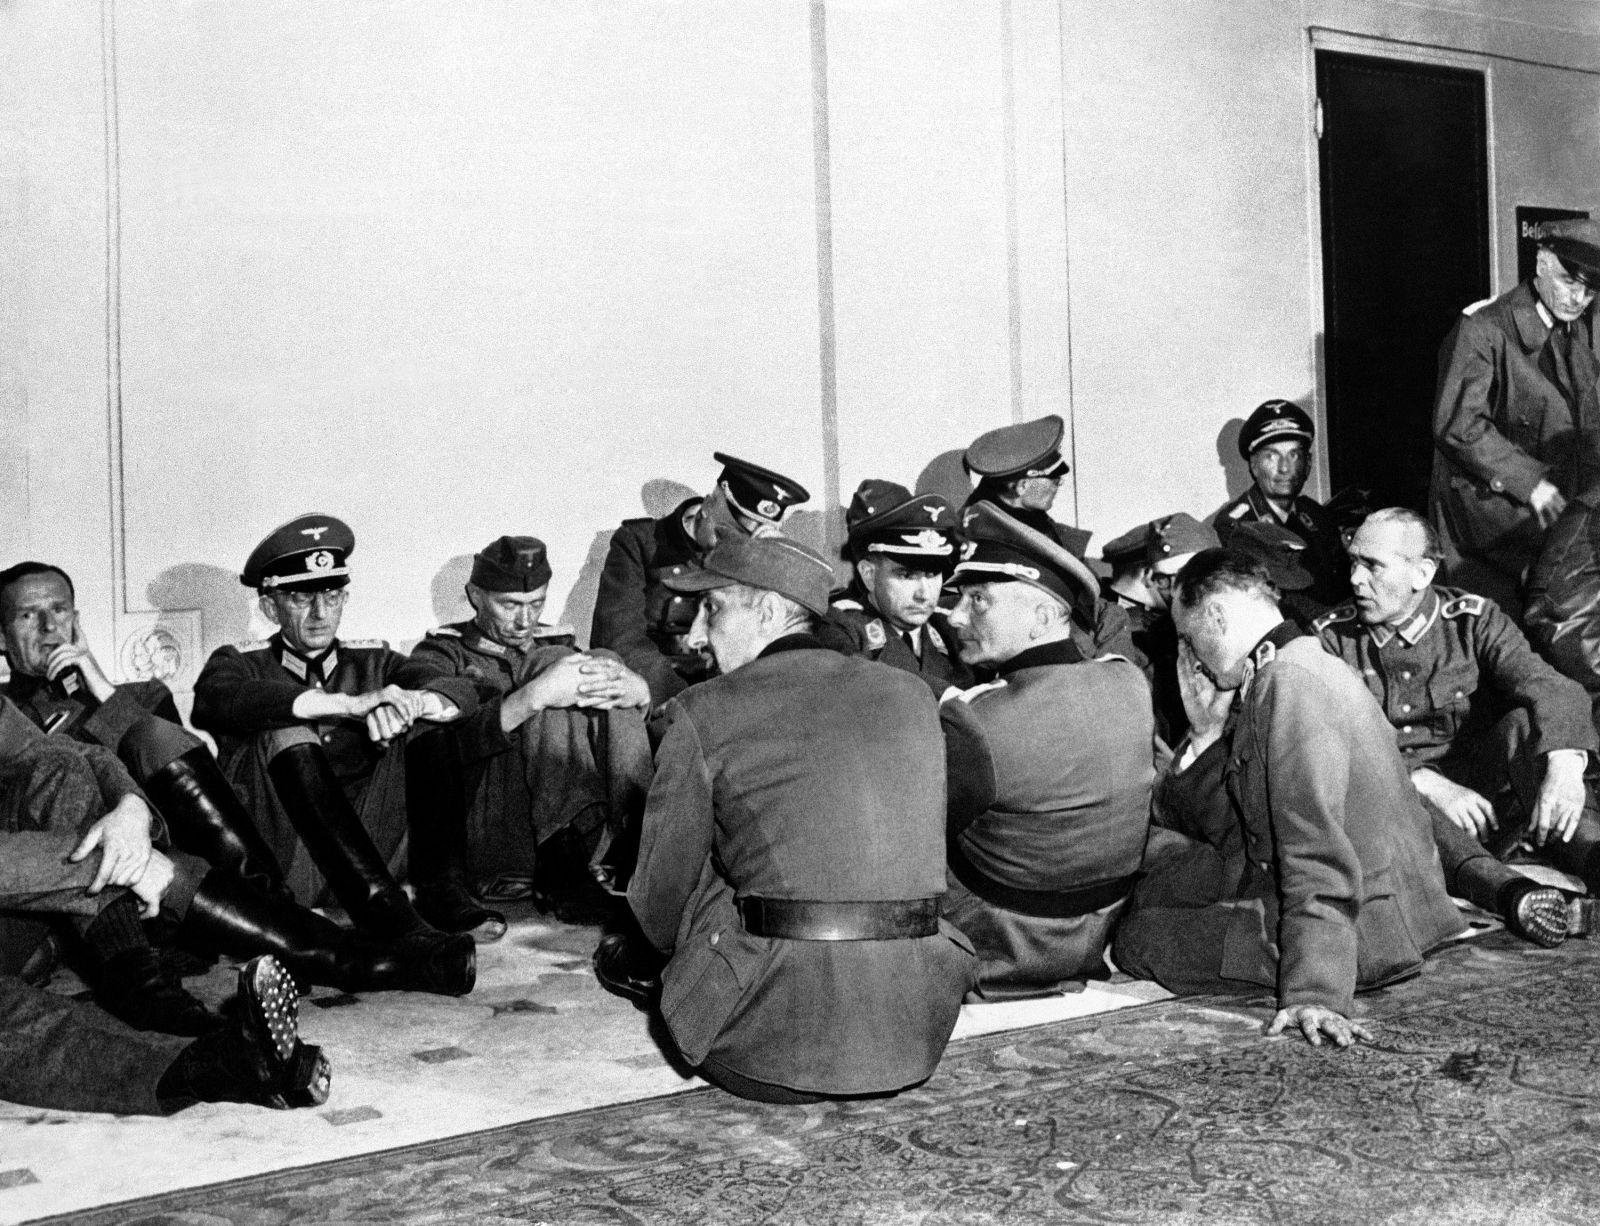 užívanie drogy 2. s. v. nacisti atď